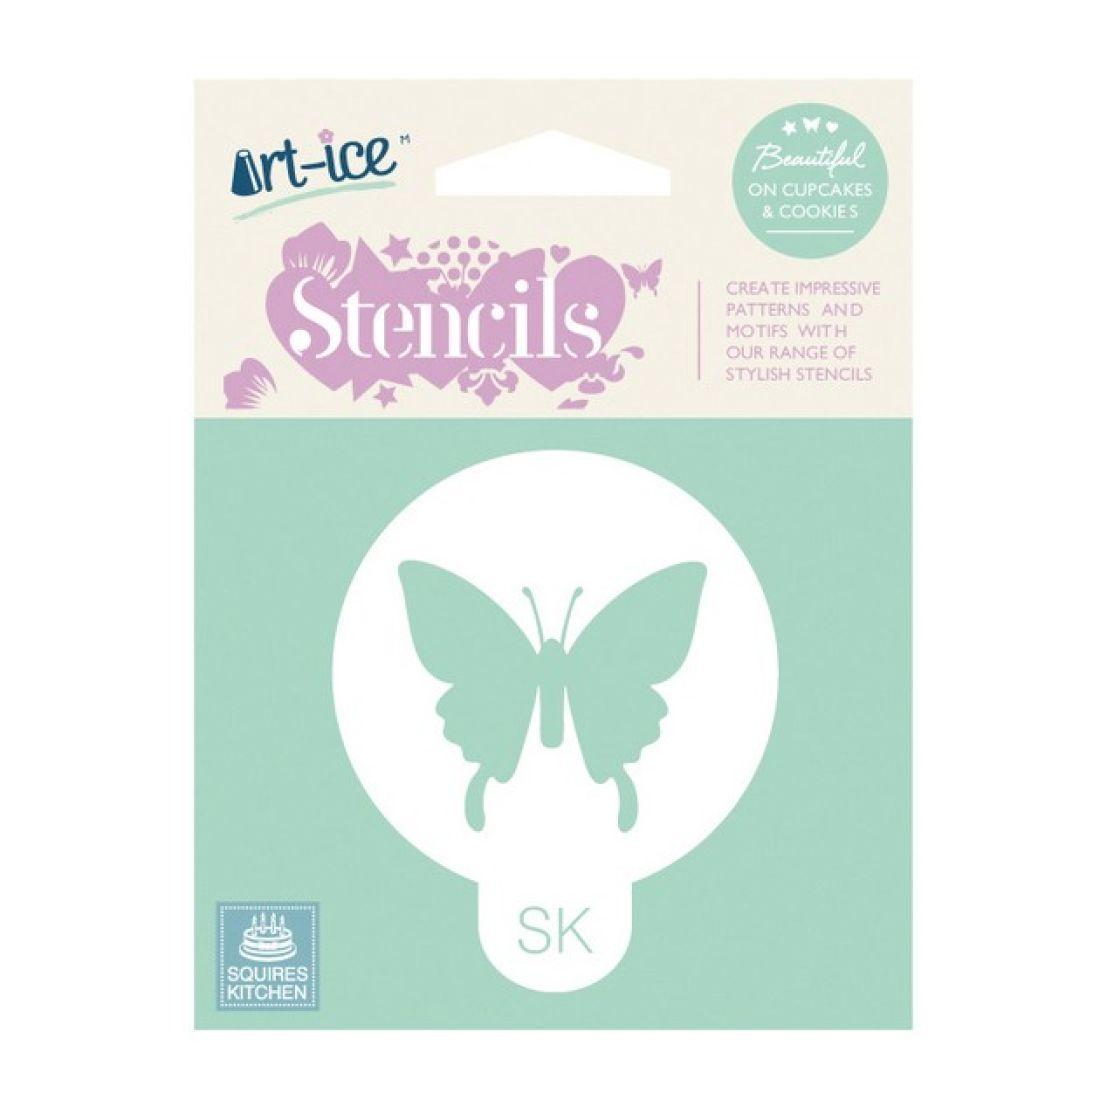 SK Art-ice Round Stencil Butterfly | Squires Kitchen Shop